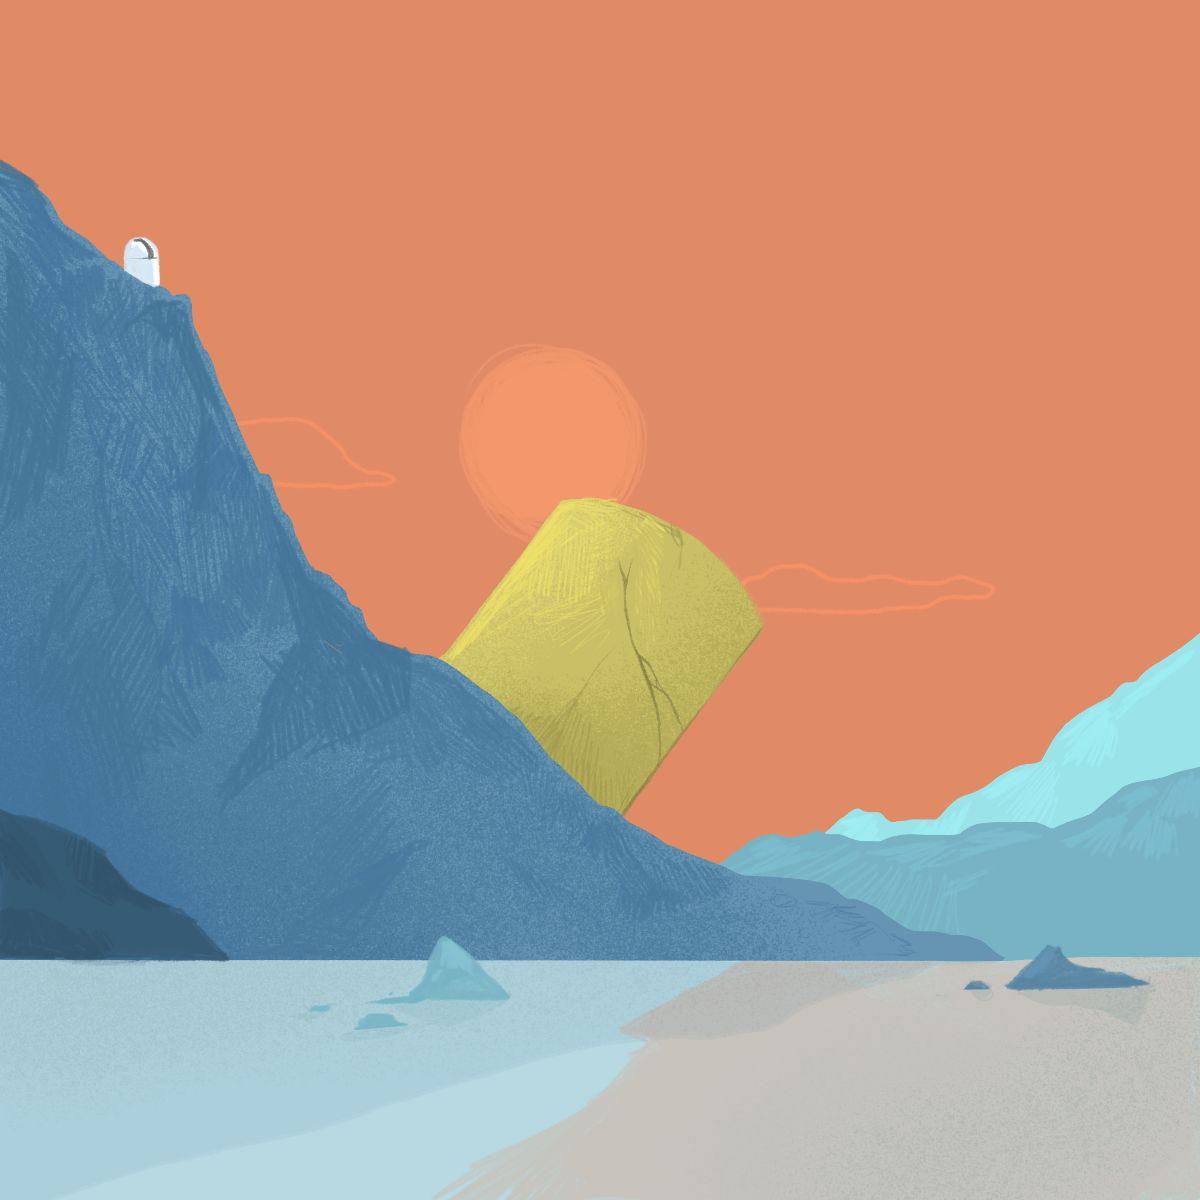 Artwork del primer episodio obra de Abel Fdez, el artista detrás del universo visual de Sungate.